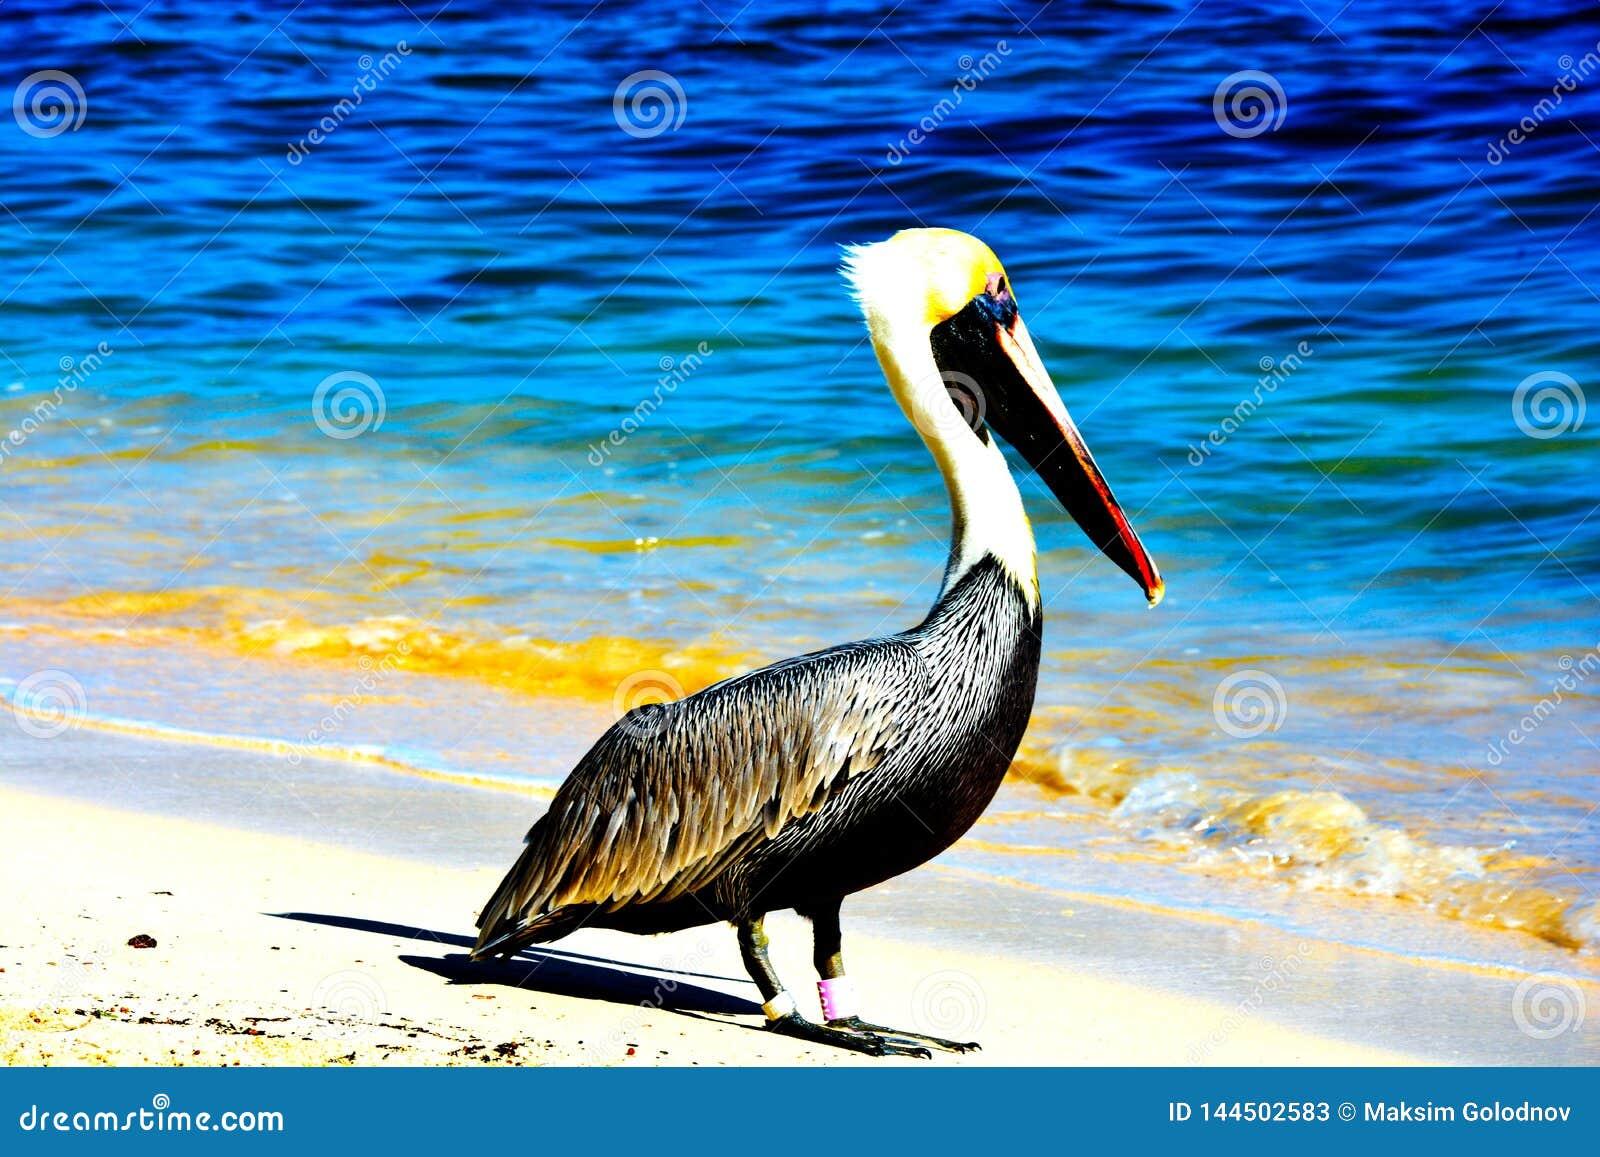 Pellicano sulla spiaggia con la vista di oceano